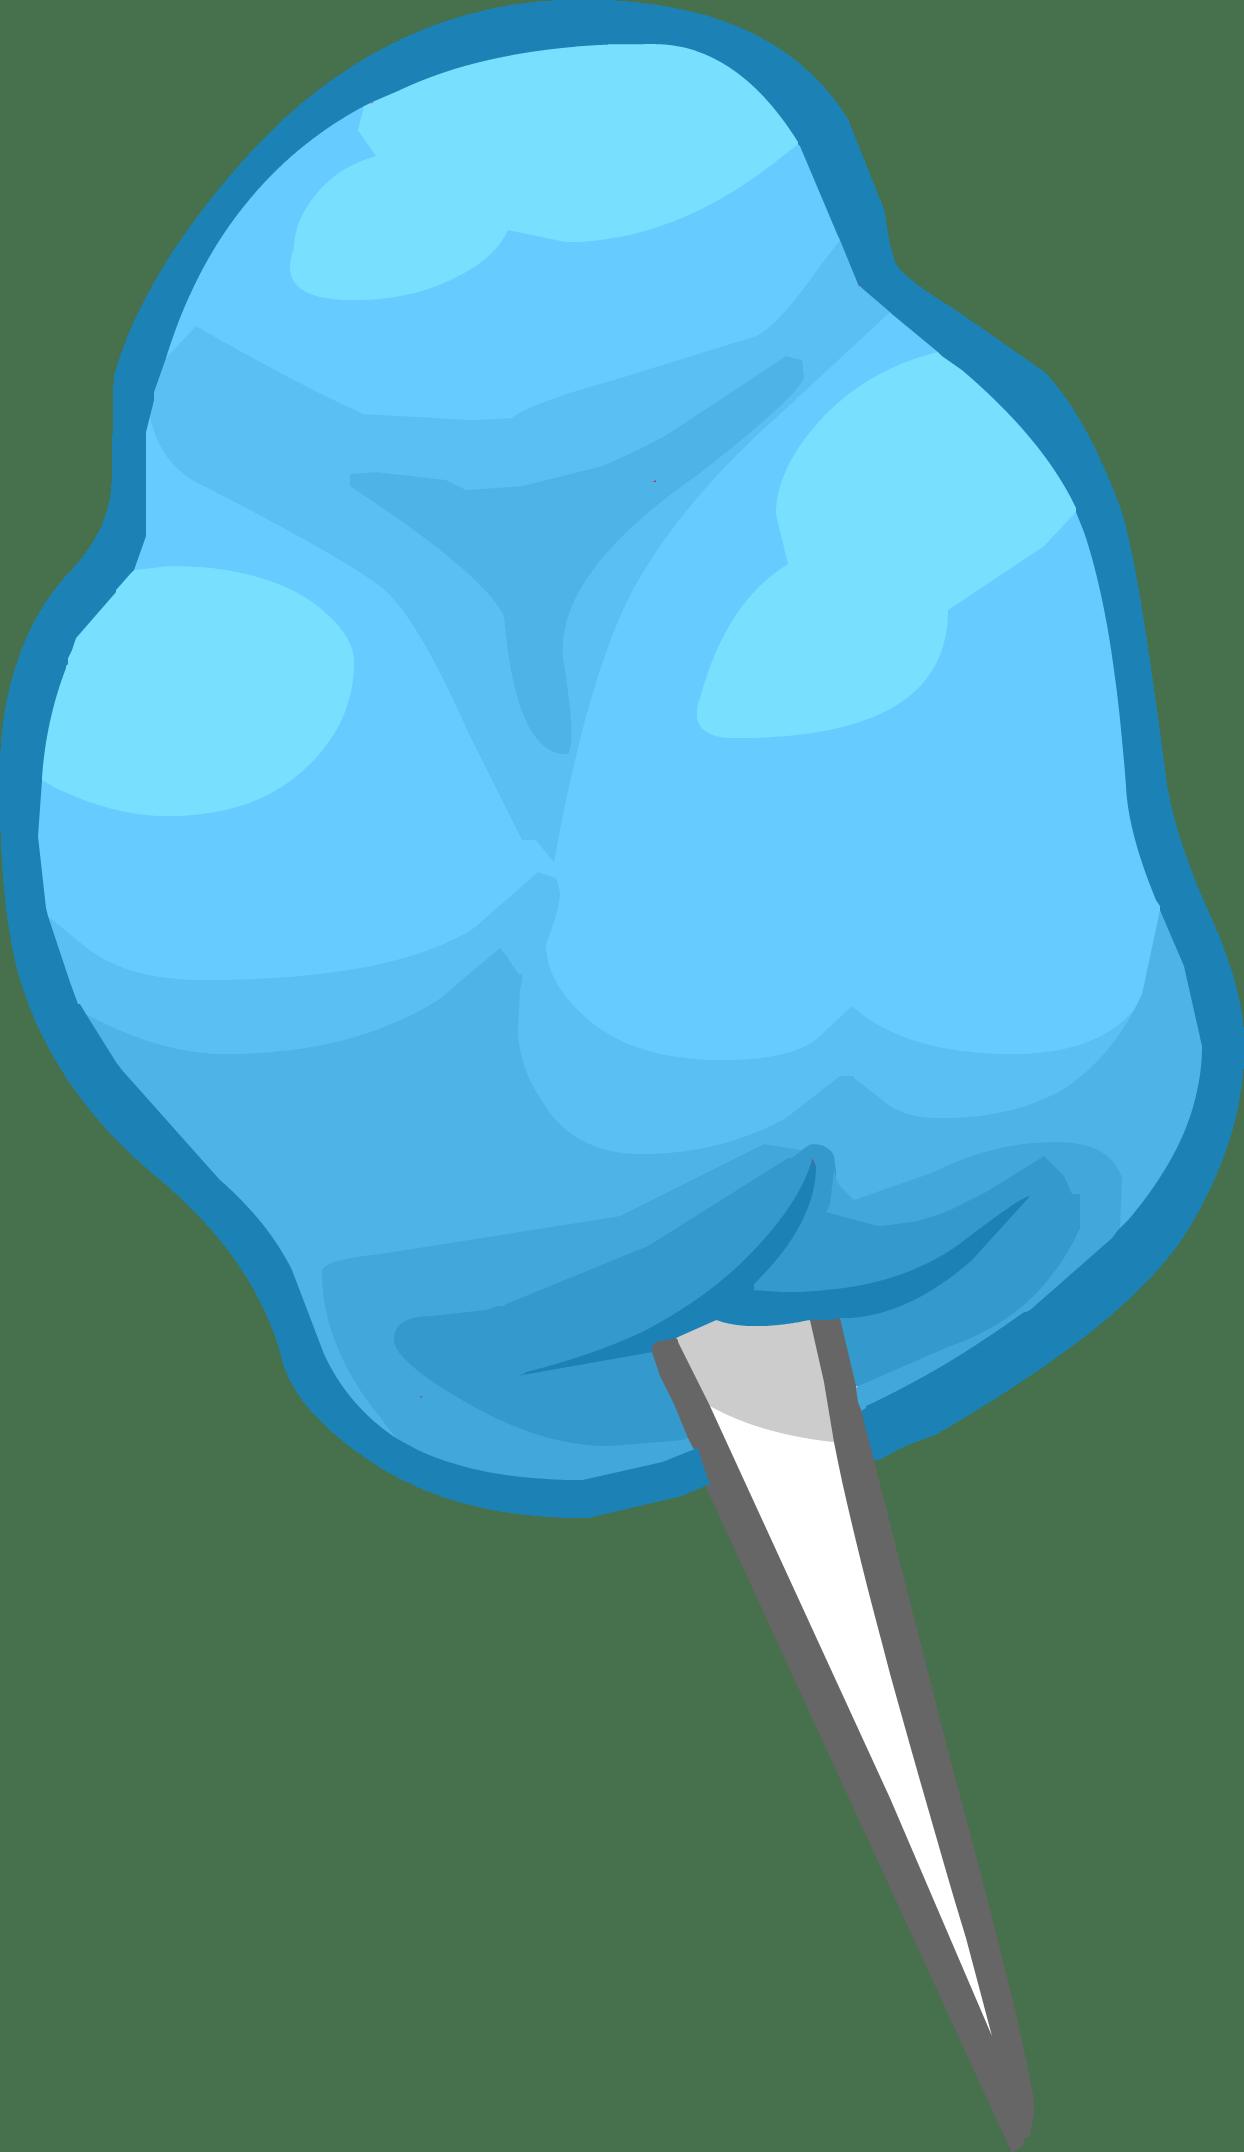 picture Cotton clipart. Blue candy transparent png